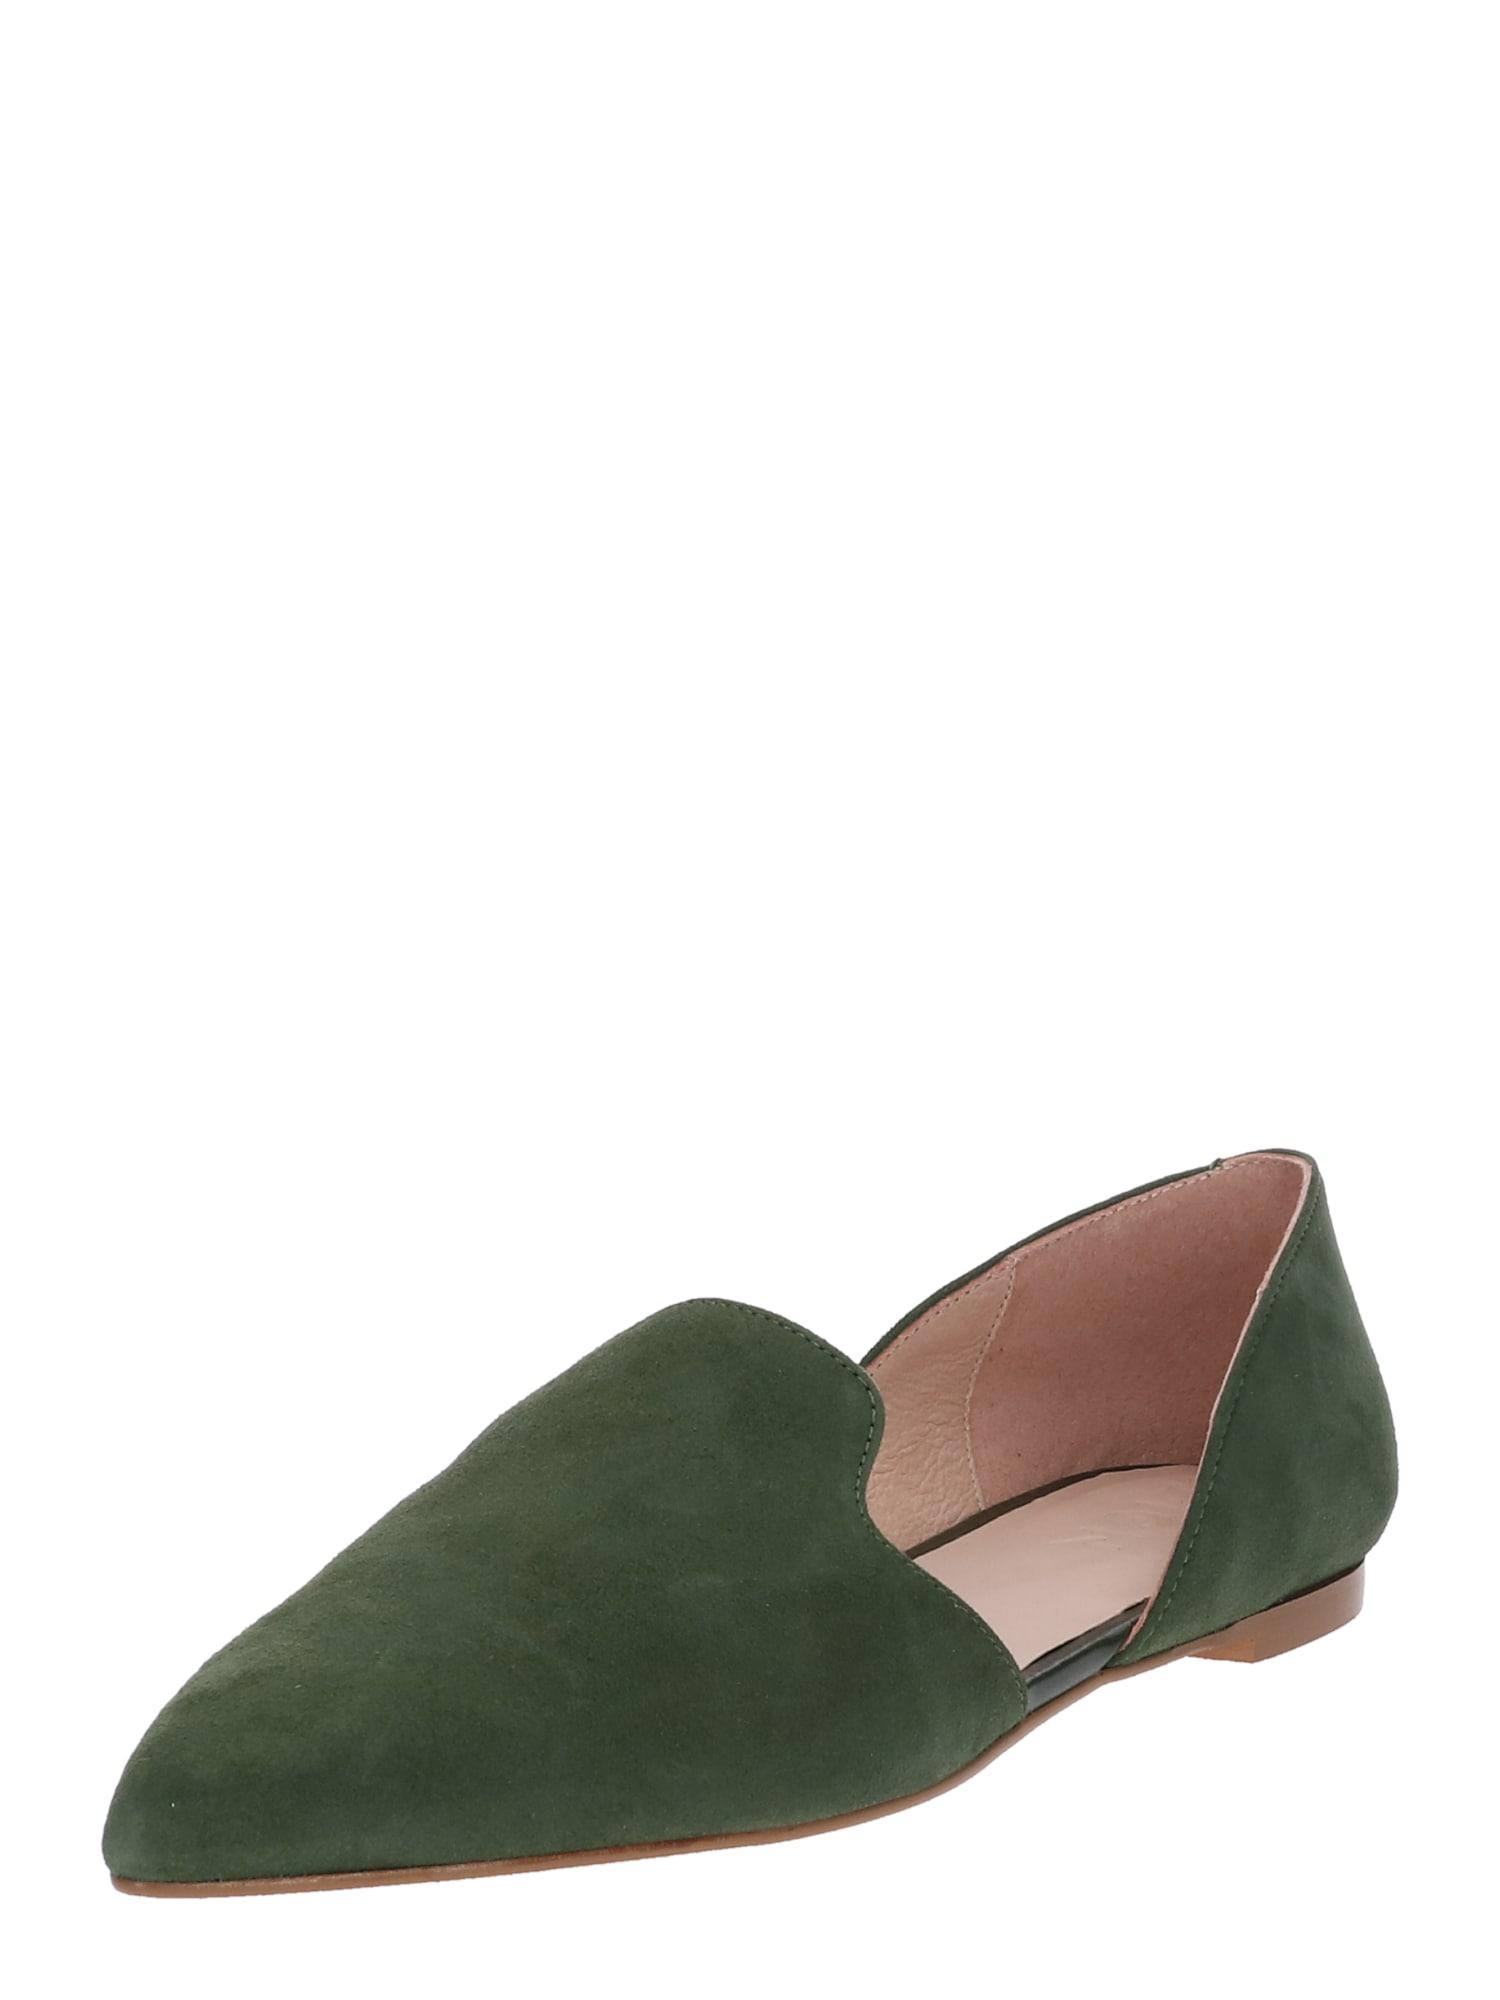 Slipper 19021 khaki Zign